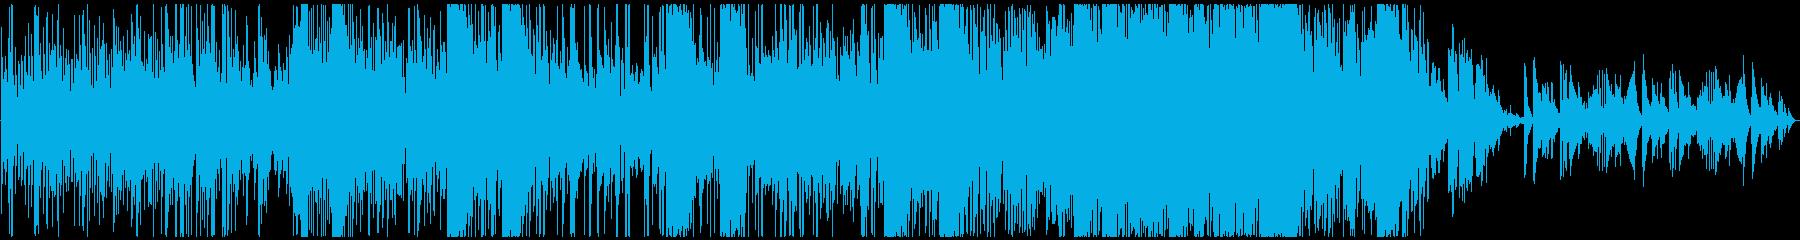 実験的 未来の技術 ワイルド テク...の再生済みの波形